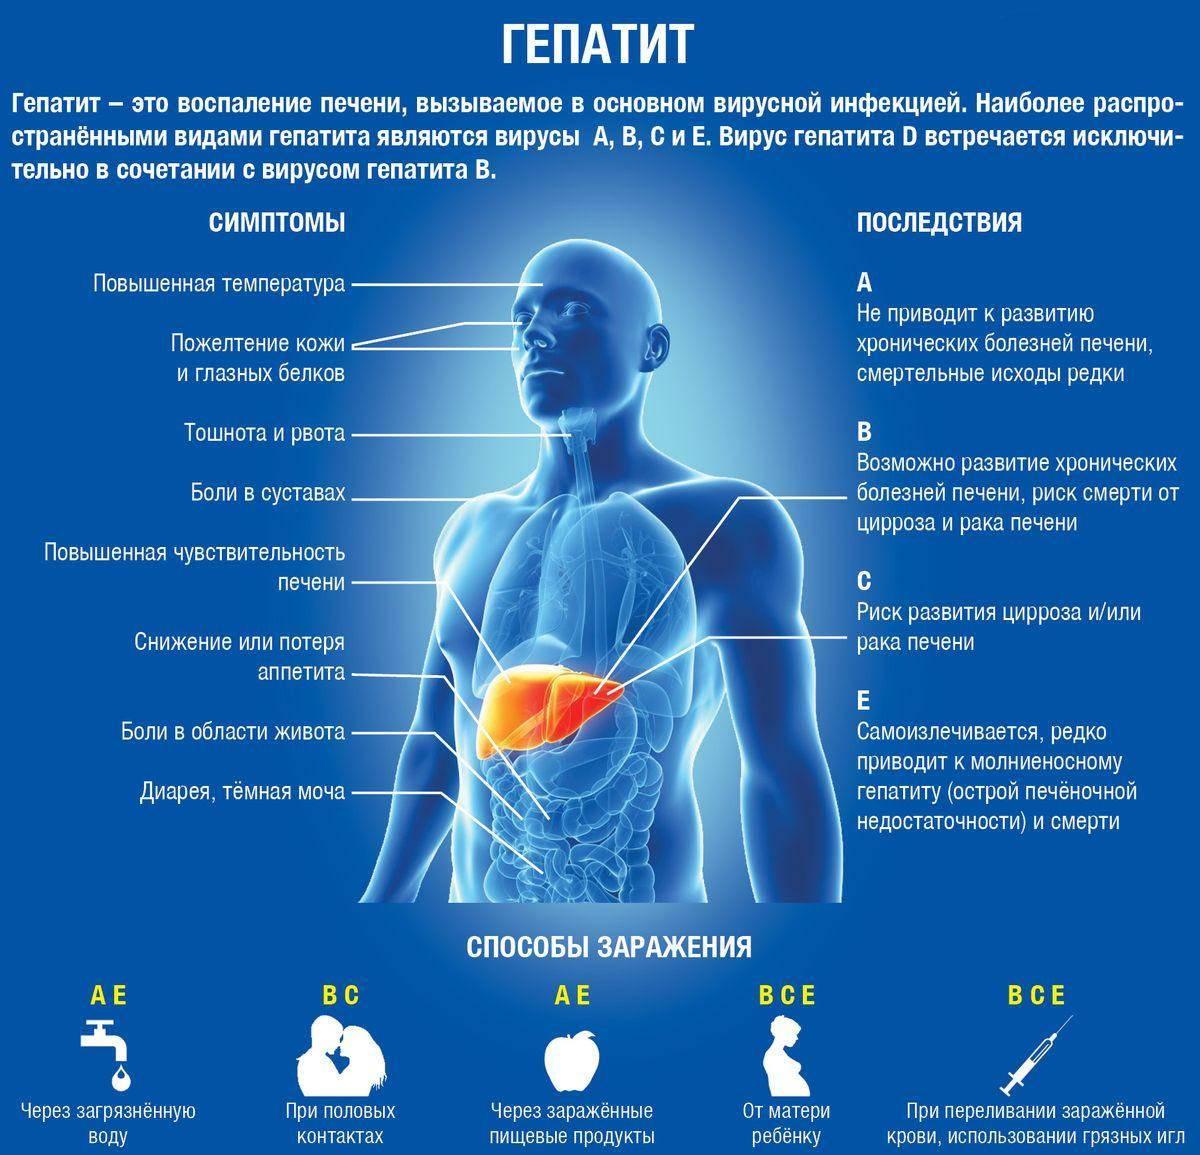 Как передается гепатит a, b, c, d, e, f (воспаление печени)? виды гепатита